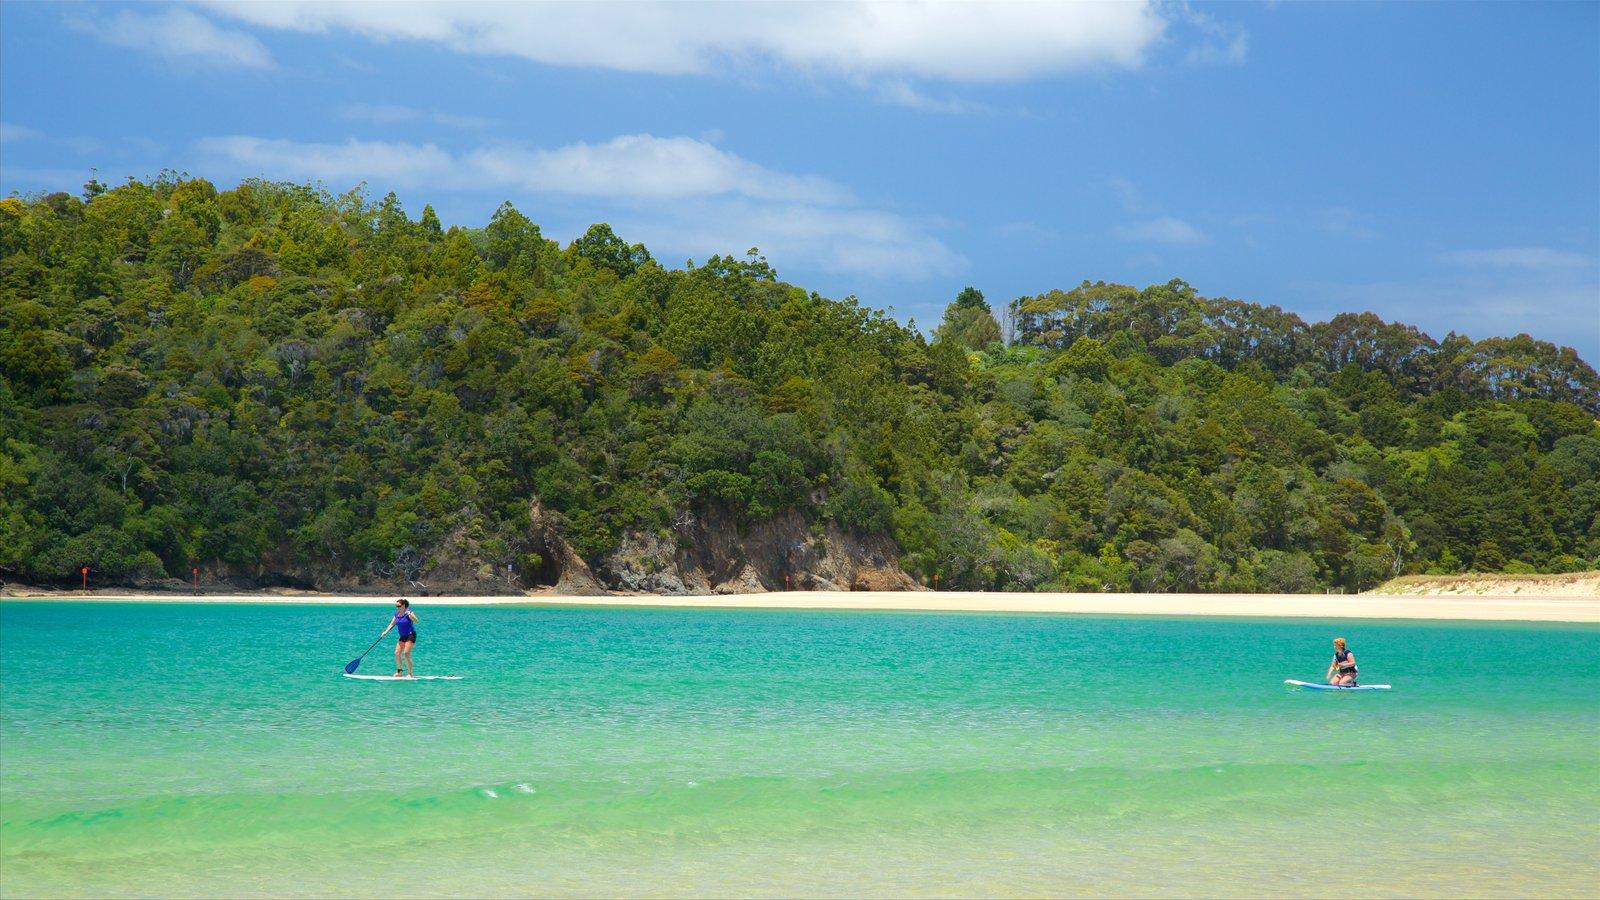 Tutukaka ofreciendo una playa, una bahía o puerto y deportes acuáticos